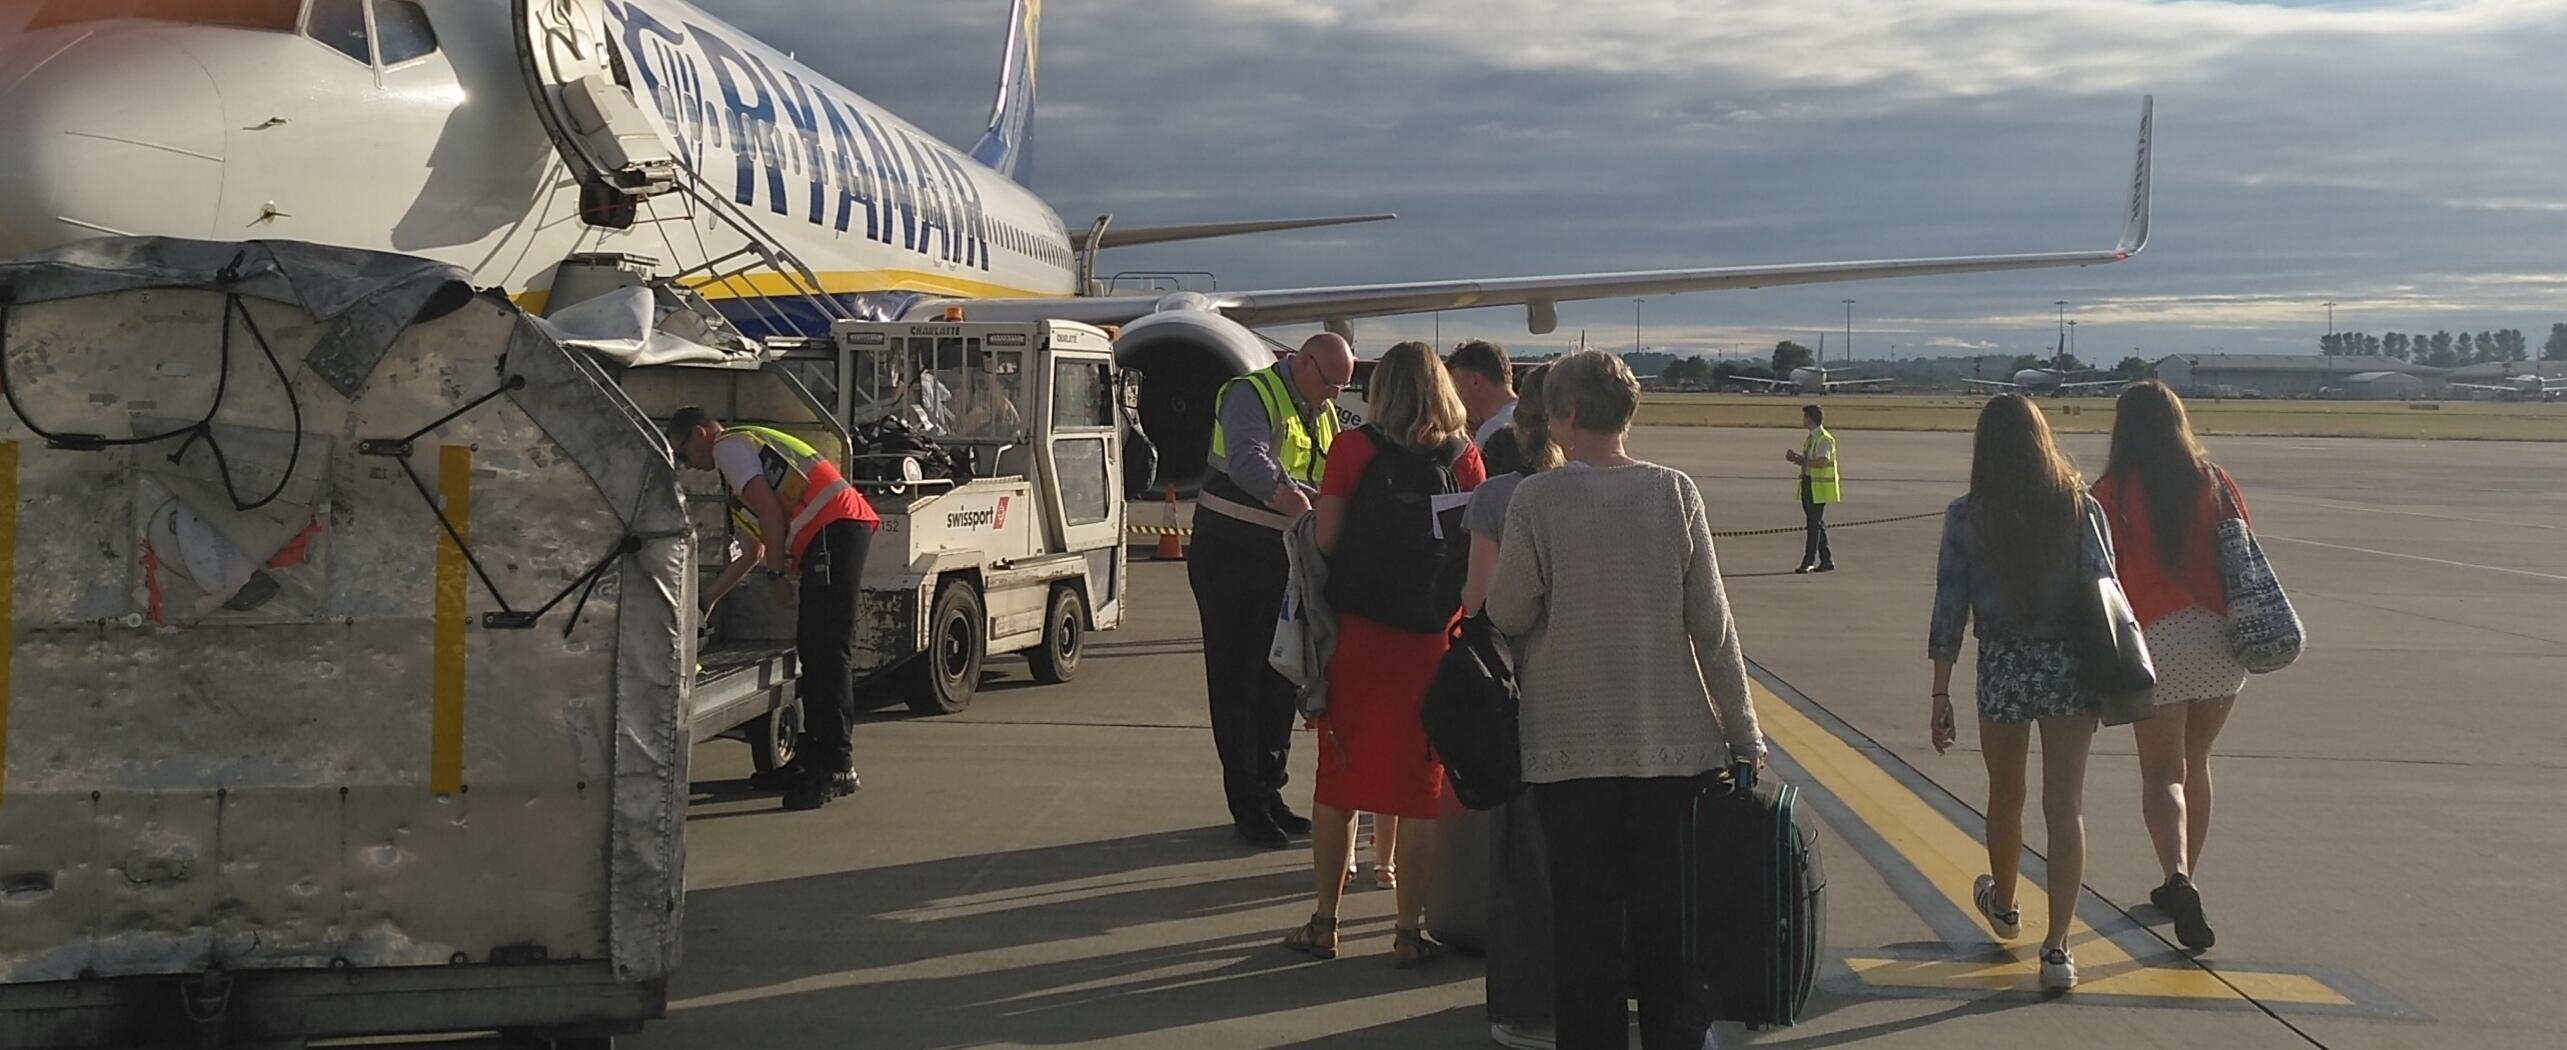 Aeropuerto Edimburgo-